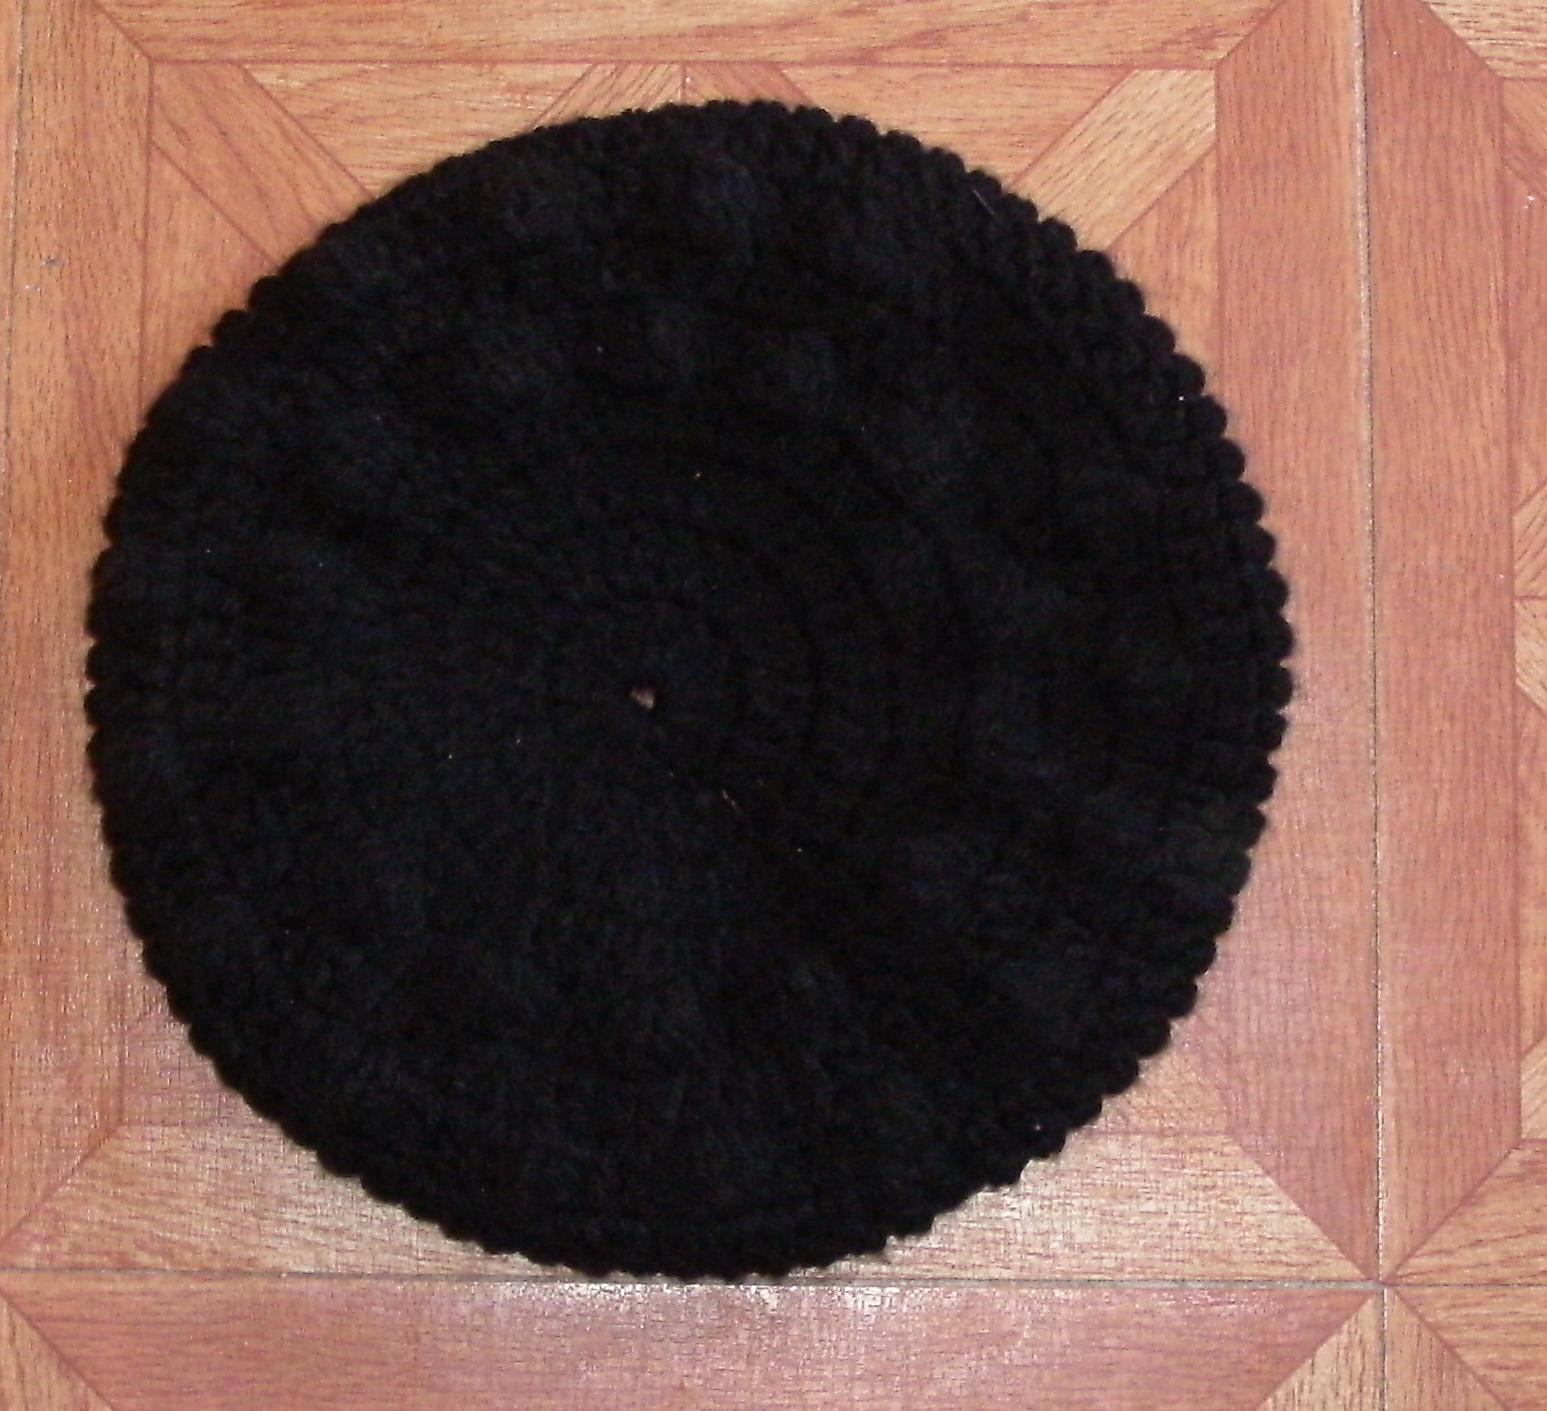 Boina tejida al crochet, con tecnica circular. Tiene dos vueltas con